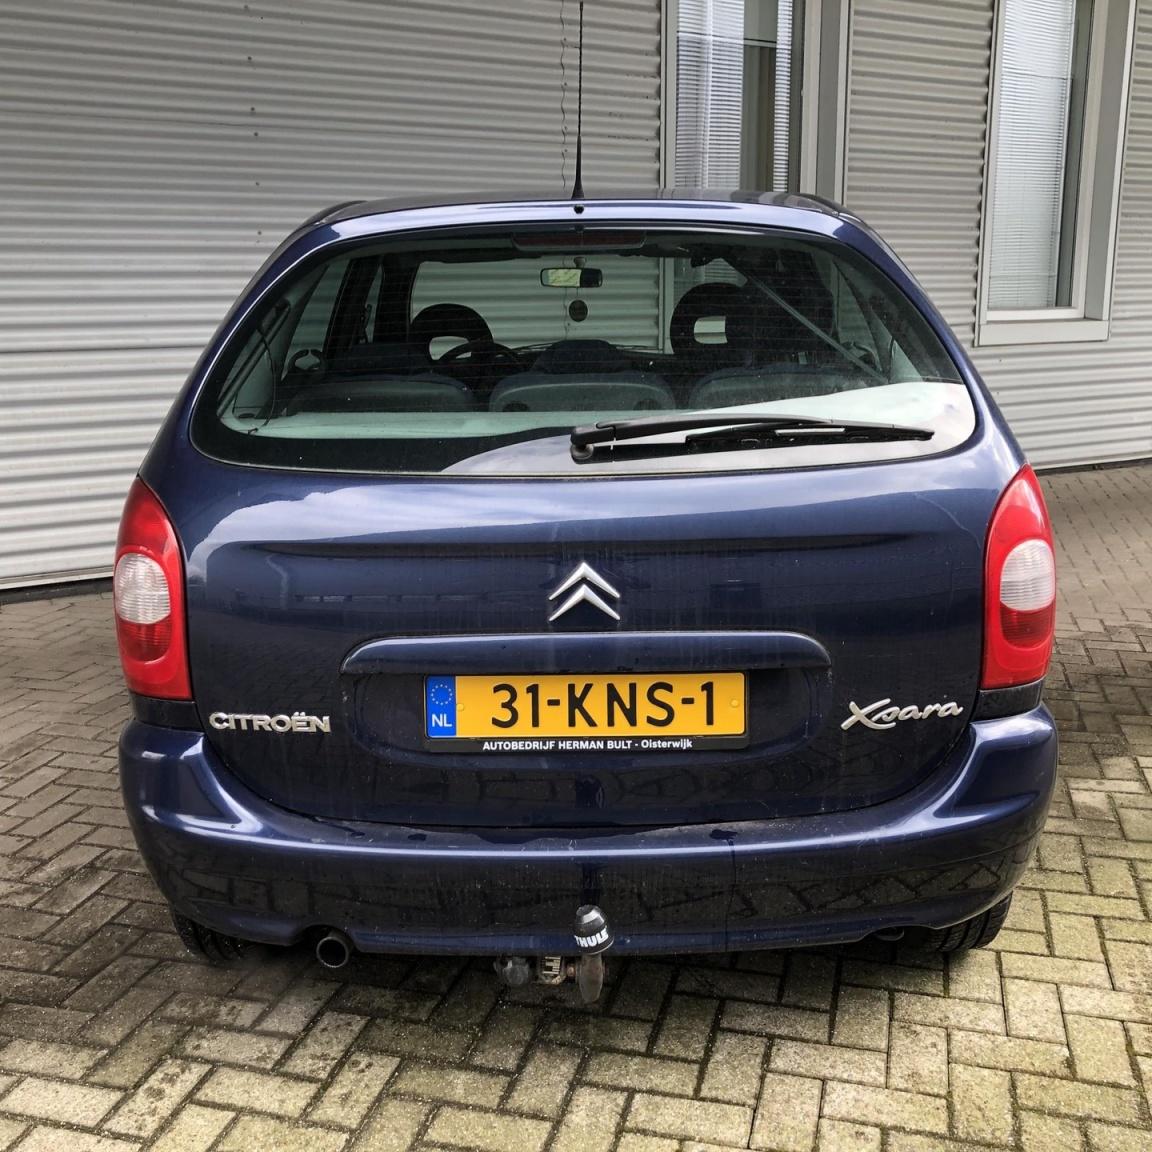 Citroën-Xsara Picasso-3